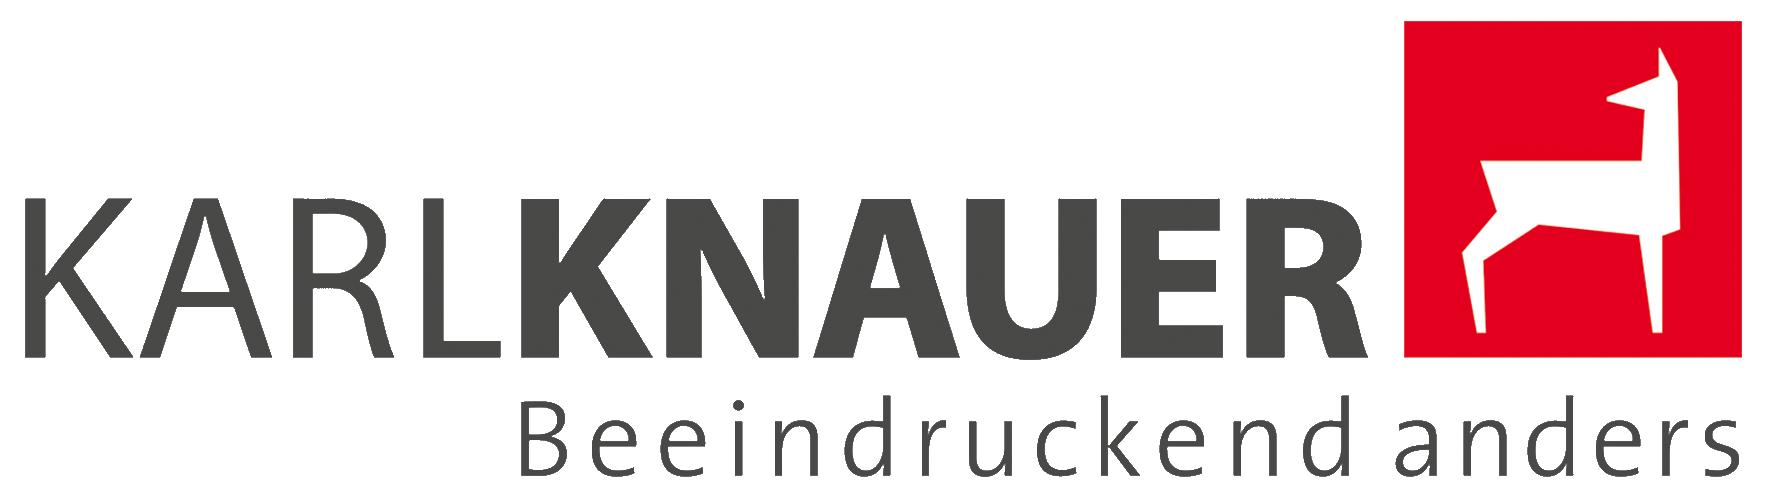 Karl Kanuer